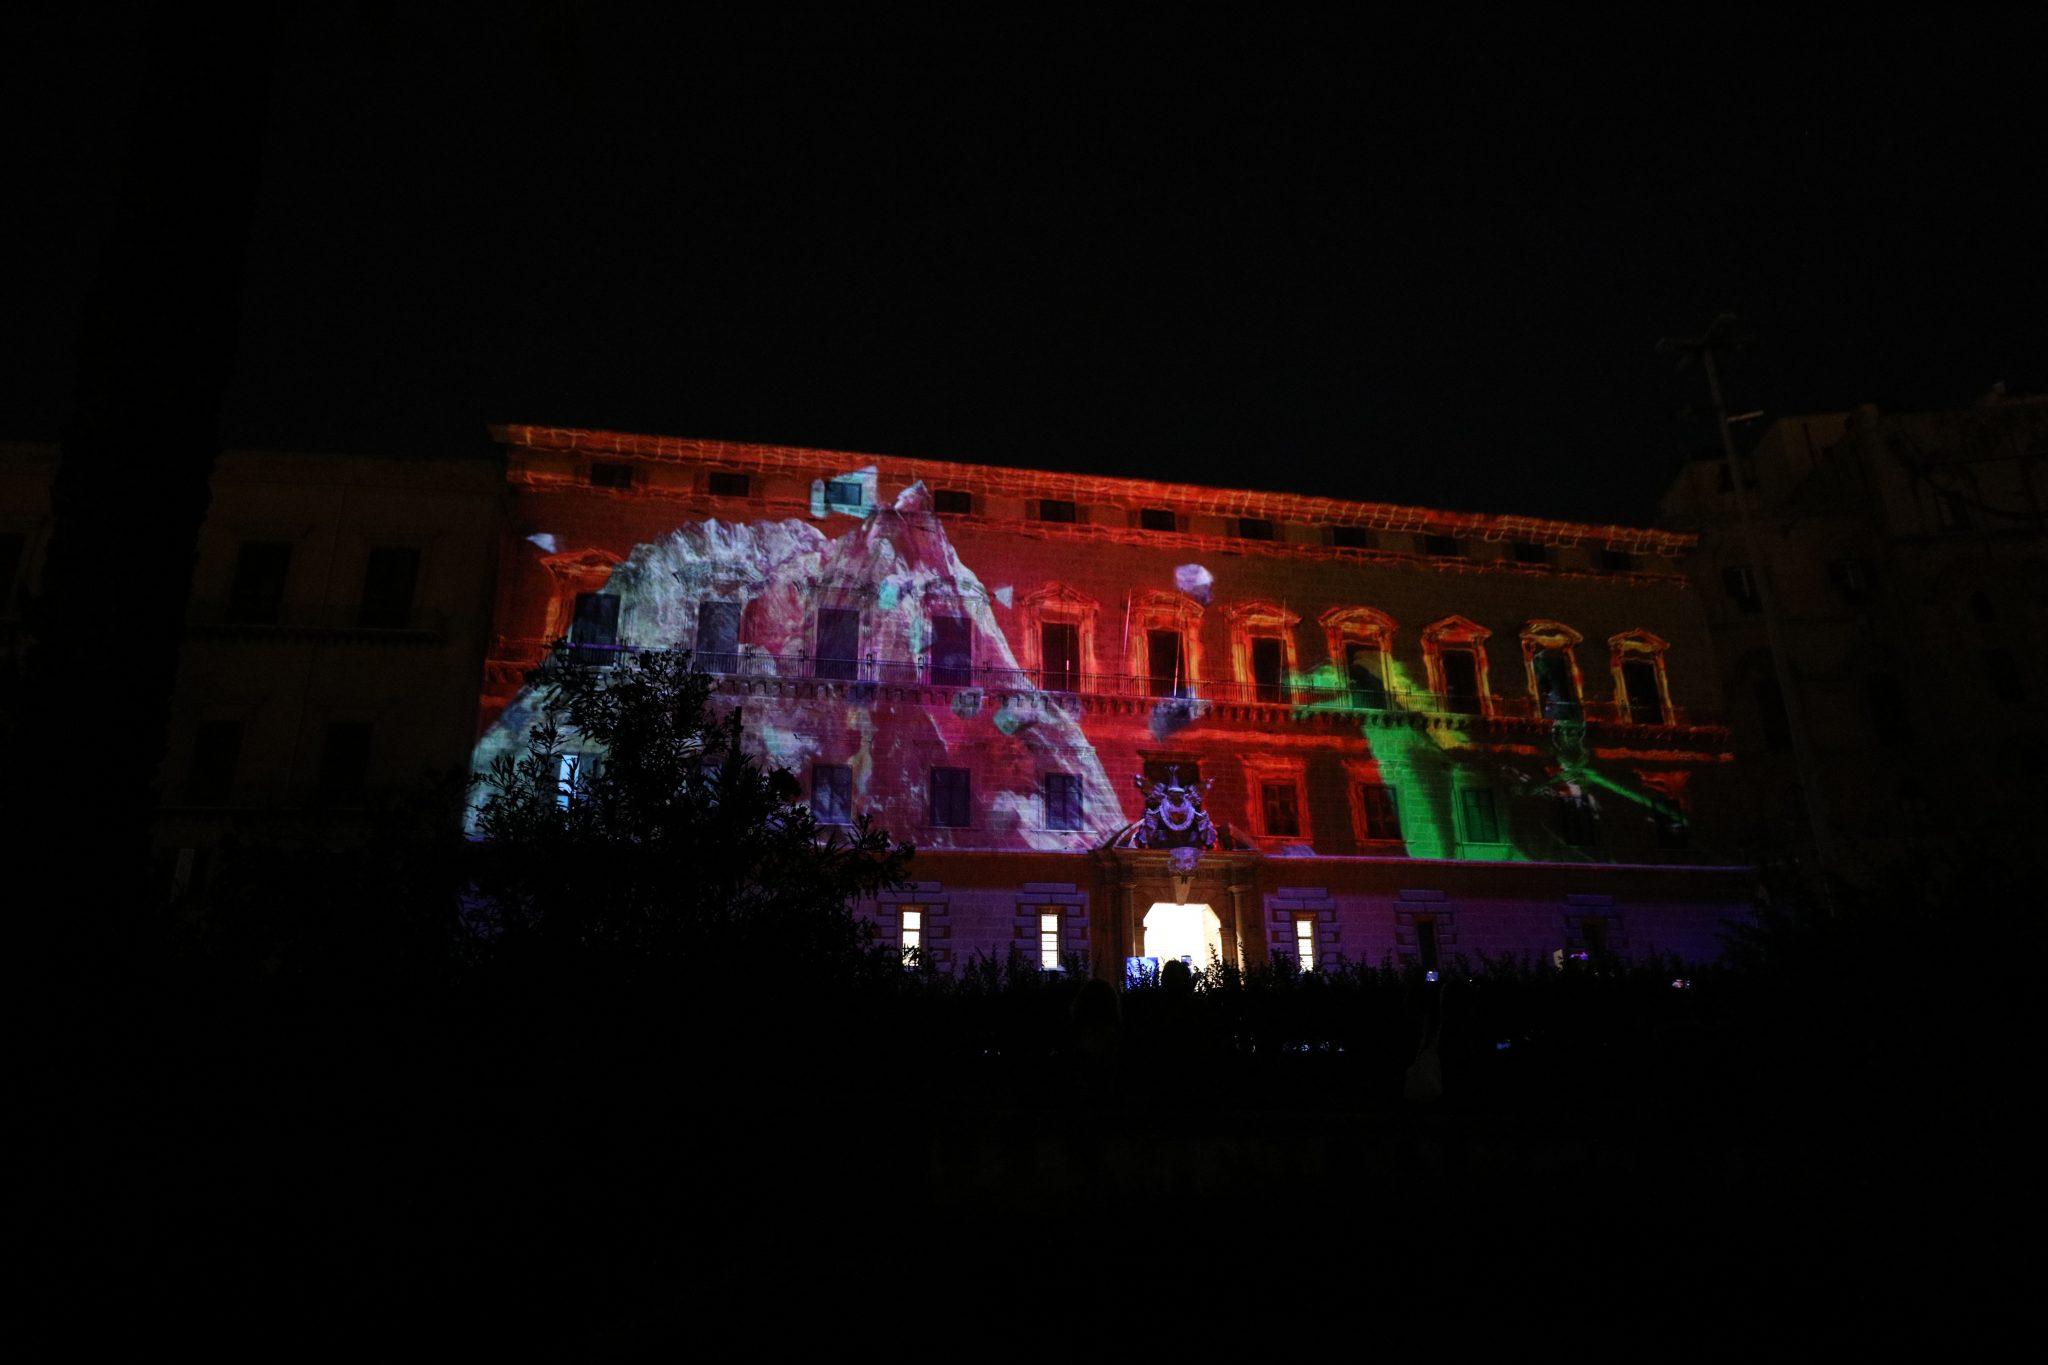 Un videomapping sul prospetto di Palazzo Reale, 2500 persone ad occhi spalancati (FOTO e VIDEO)